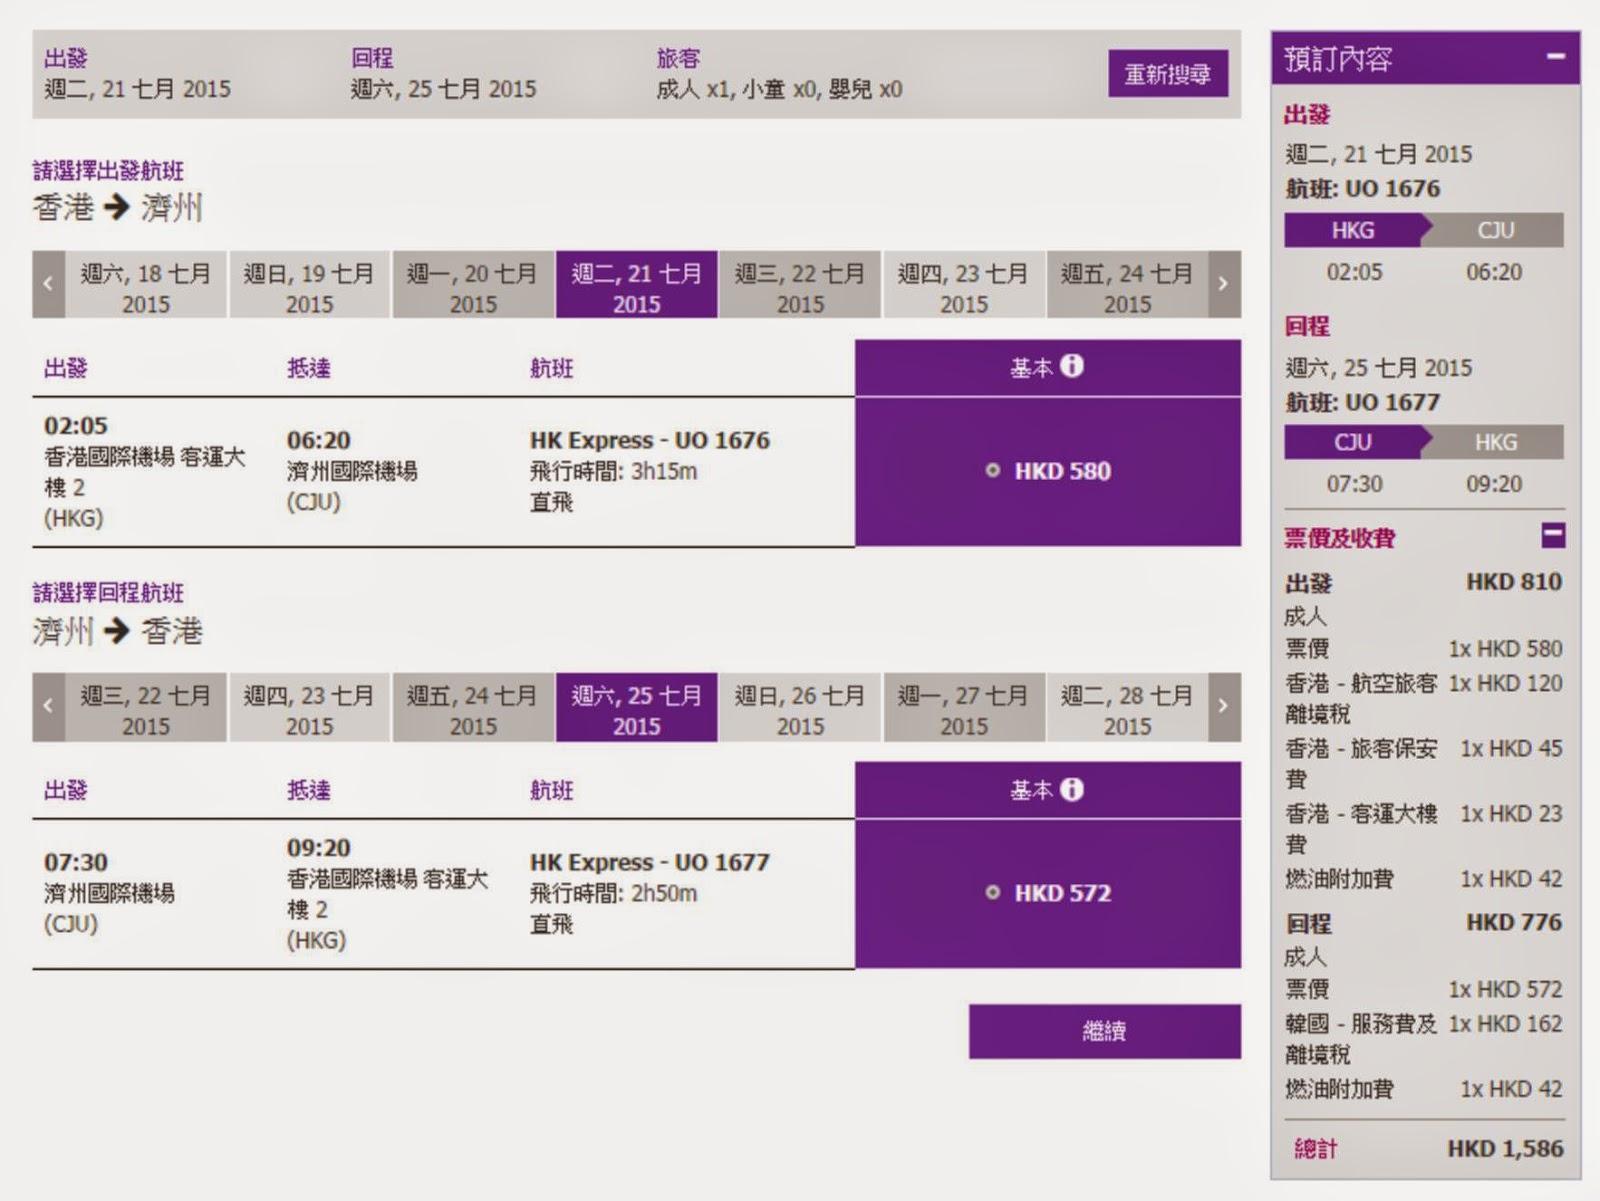 香港往返濟州,單程機位$580(連稅$810),來回機位$1,152(連稅$1,586)